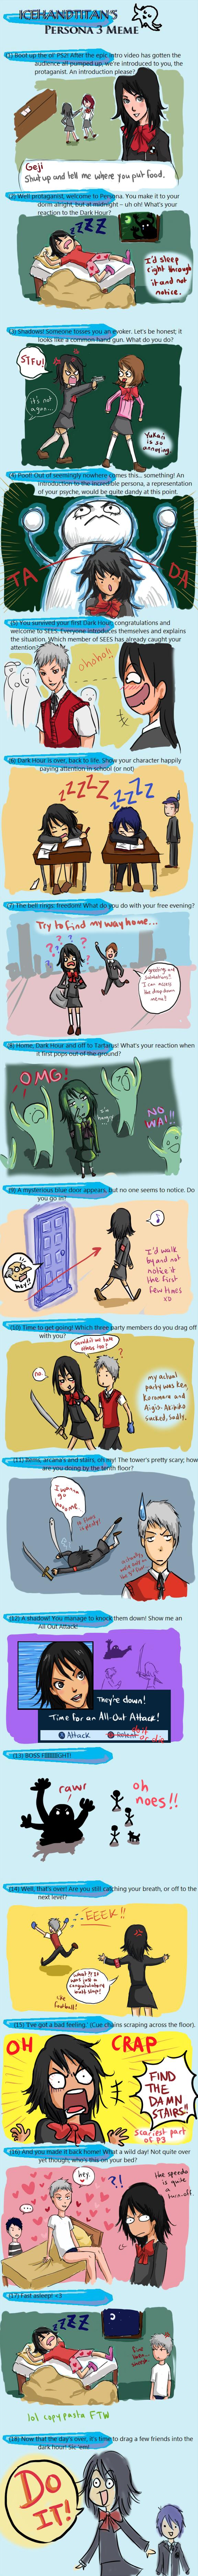 IHT's Persona 3 Meme by gejimayo